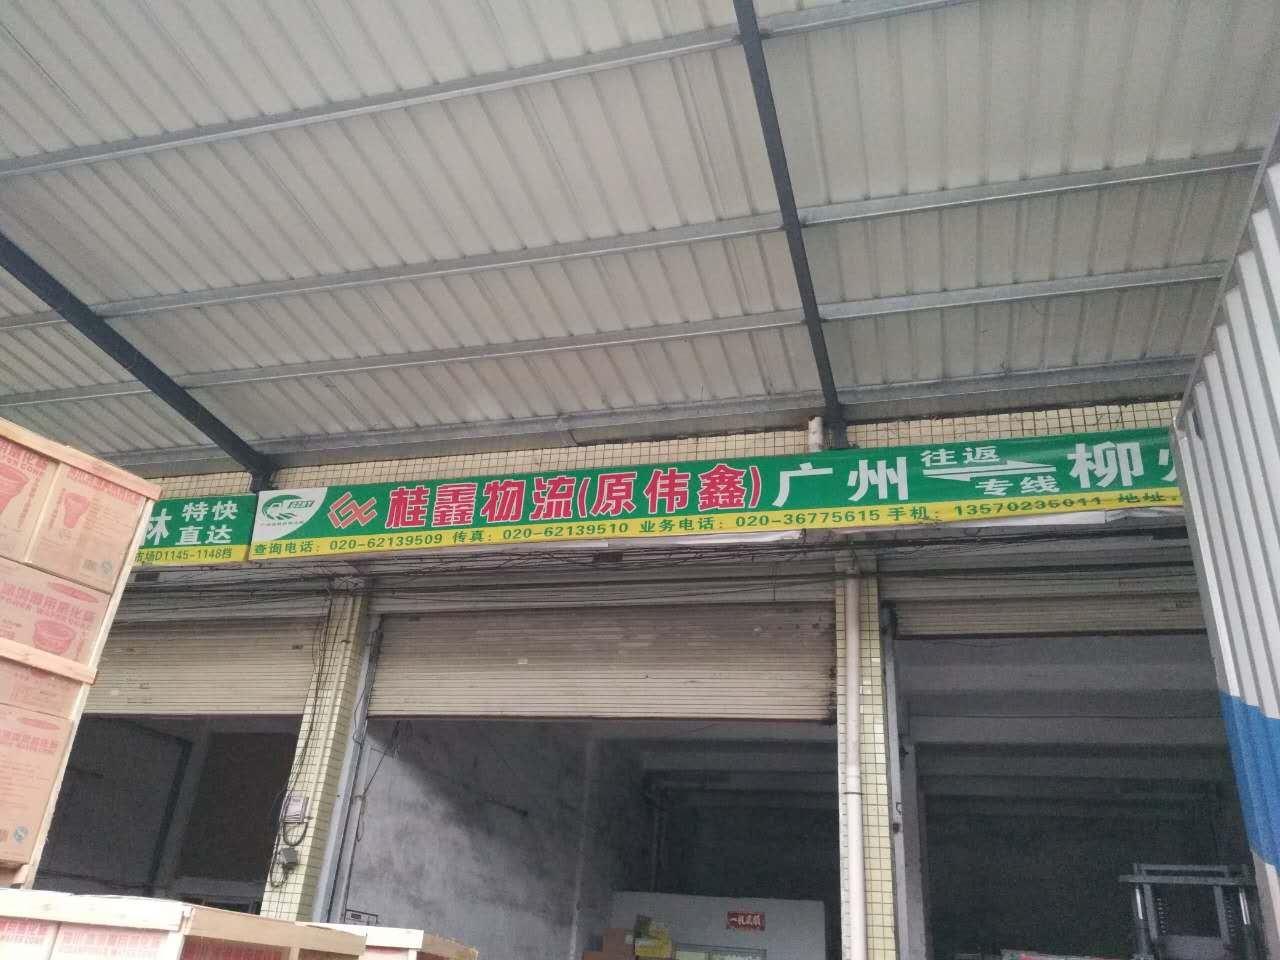 广州到黄山物流专线(广州桂鑫物流有限公司)